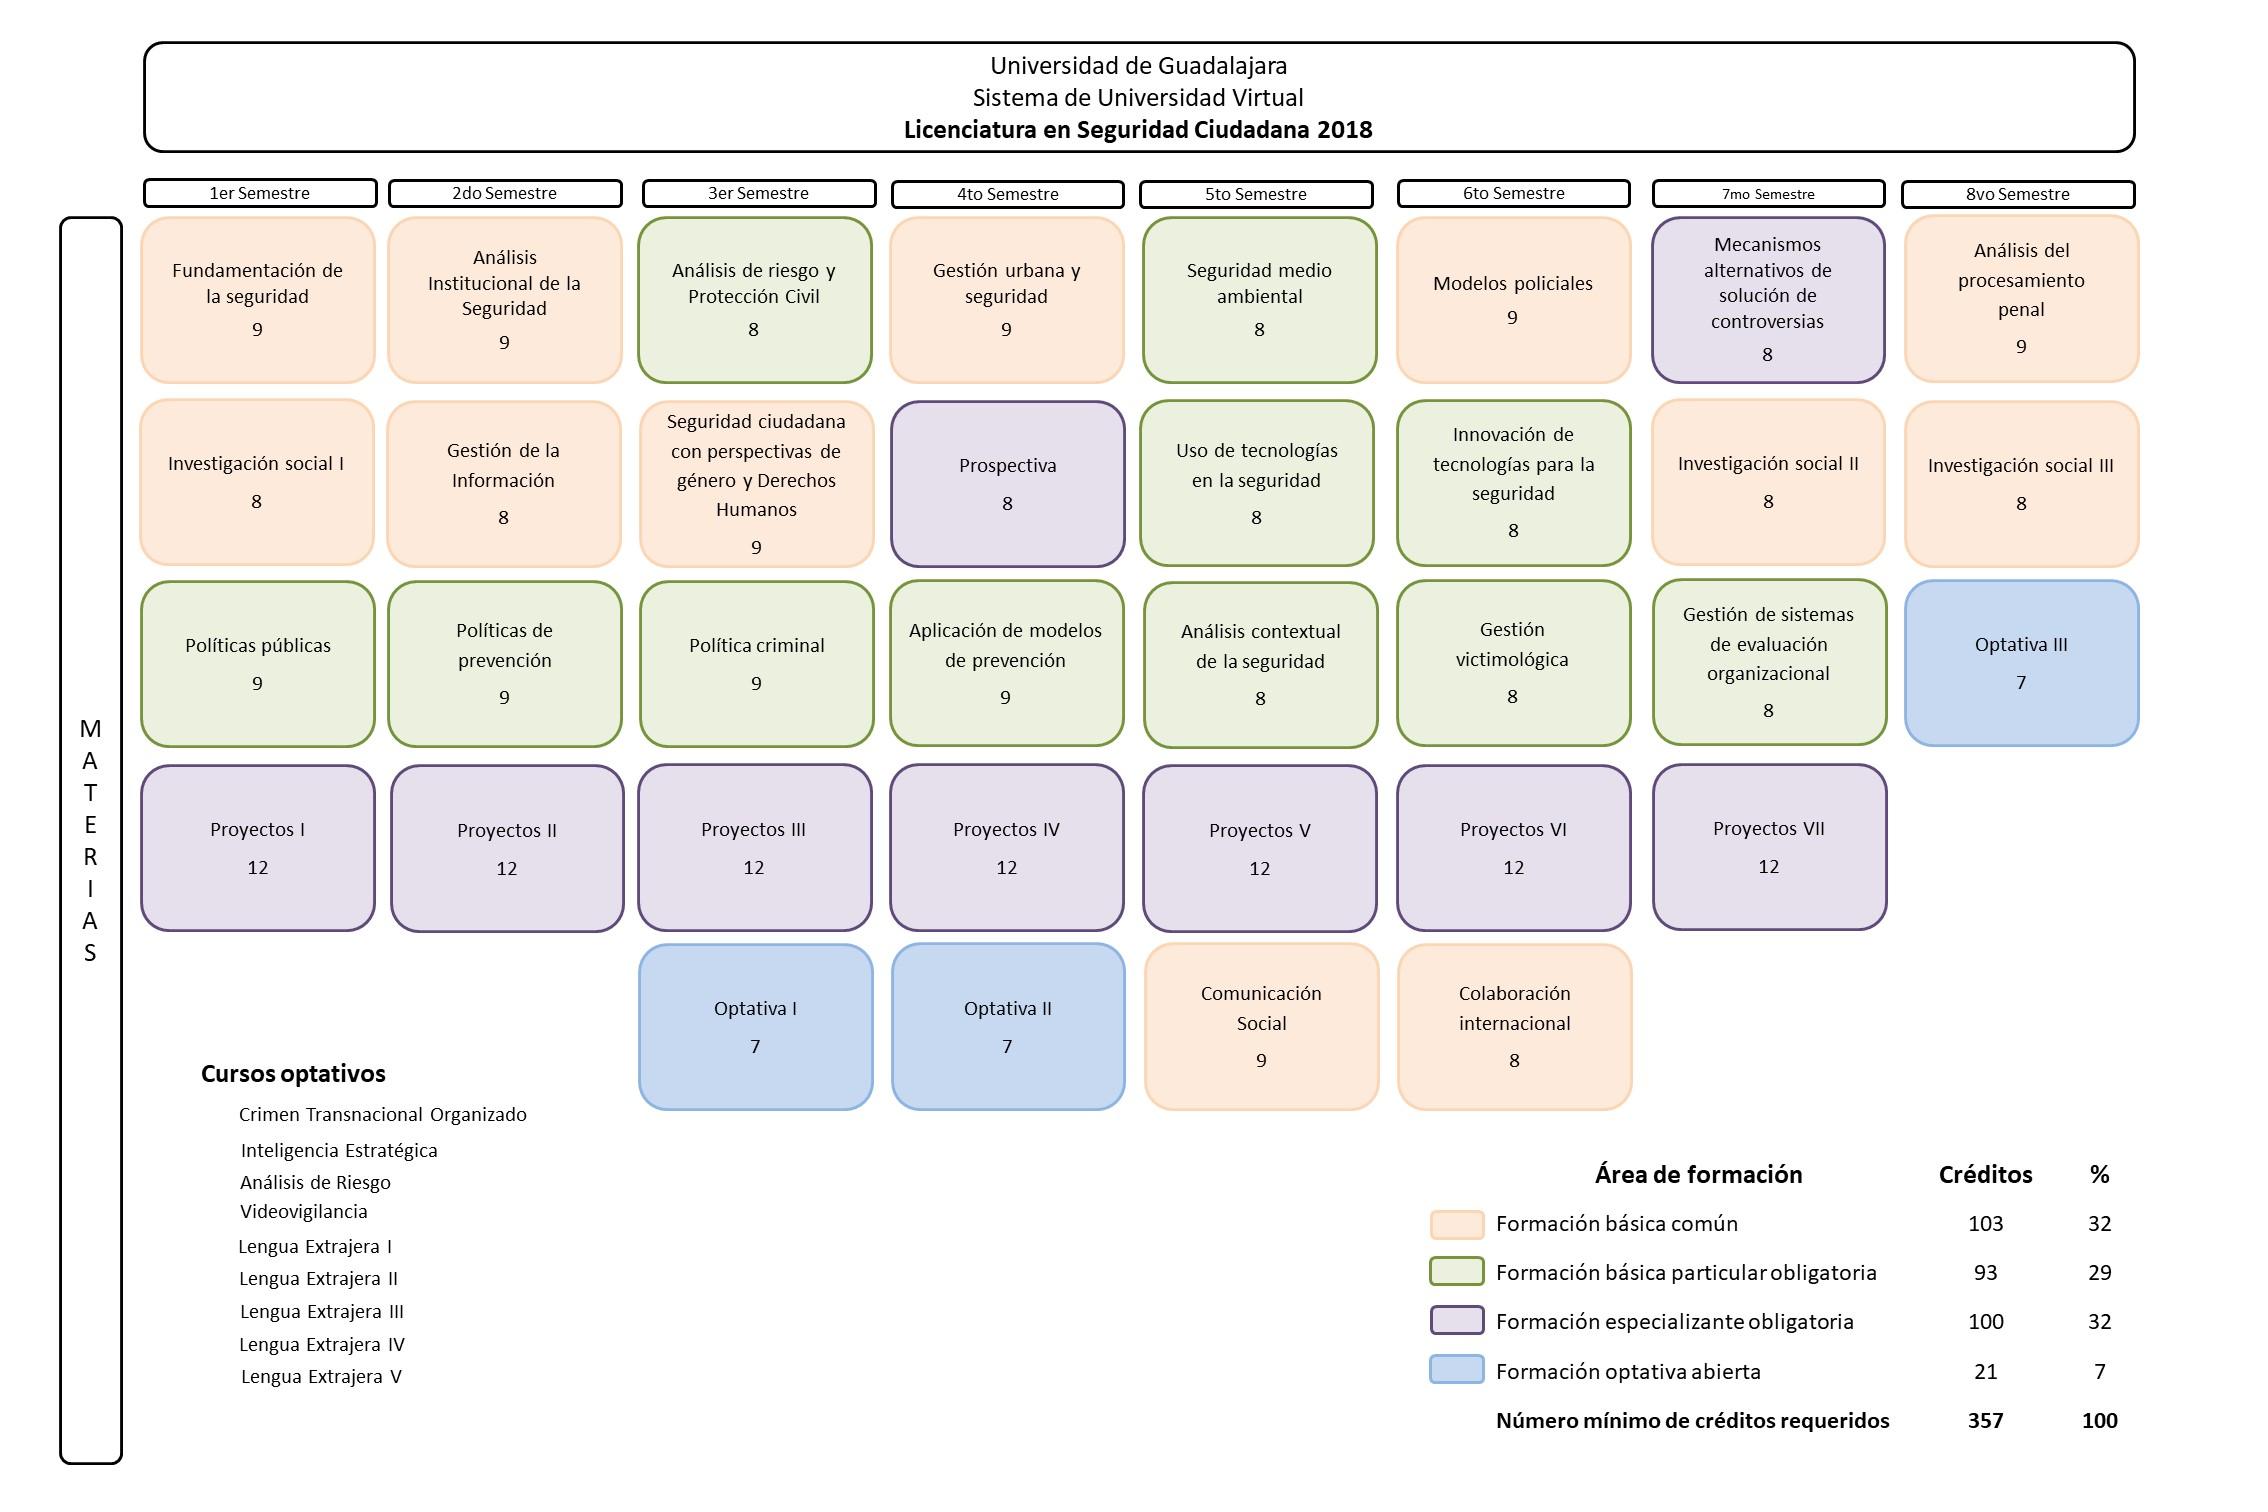 Licenciatura En Seguridad Ciudadana Sistema De Universidad